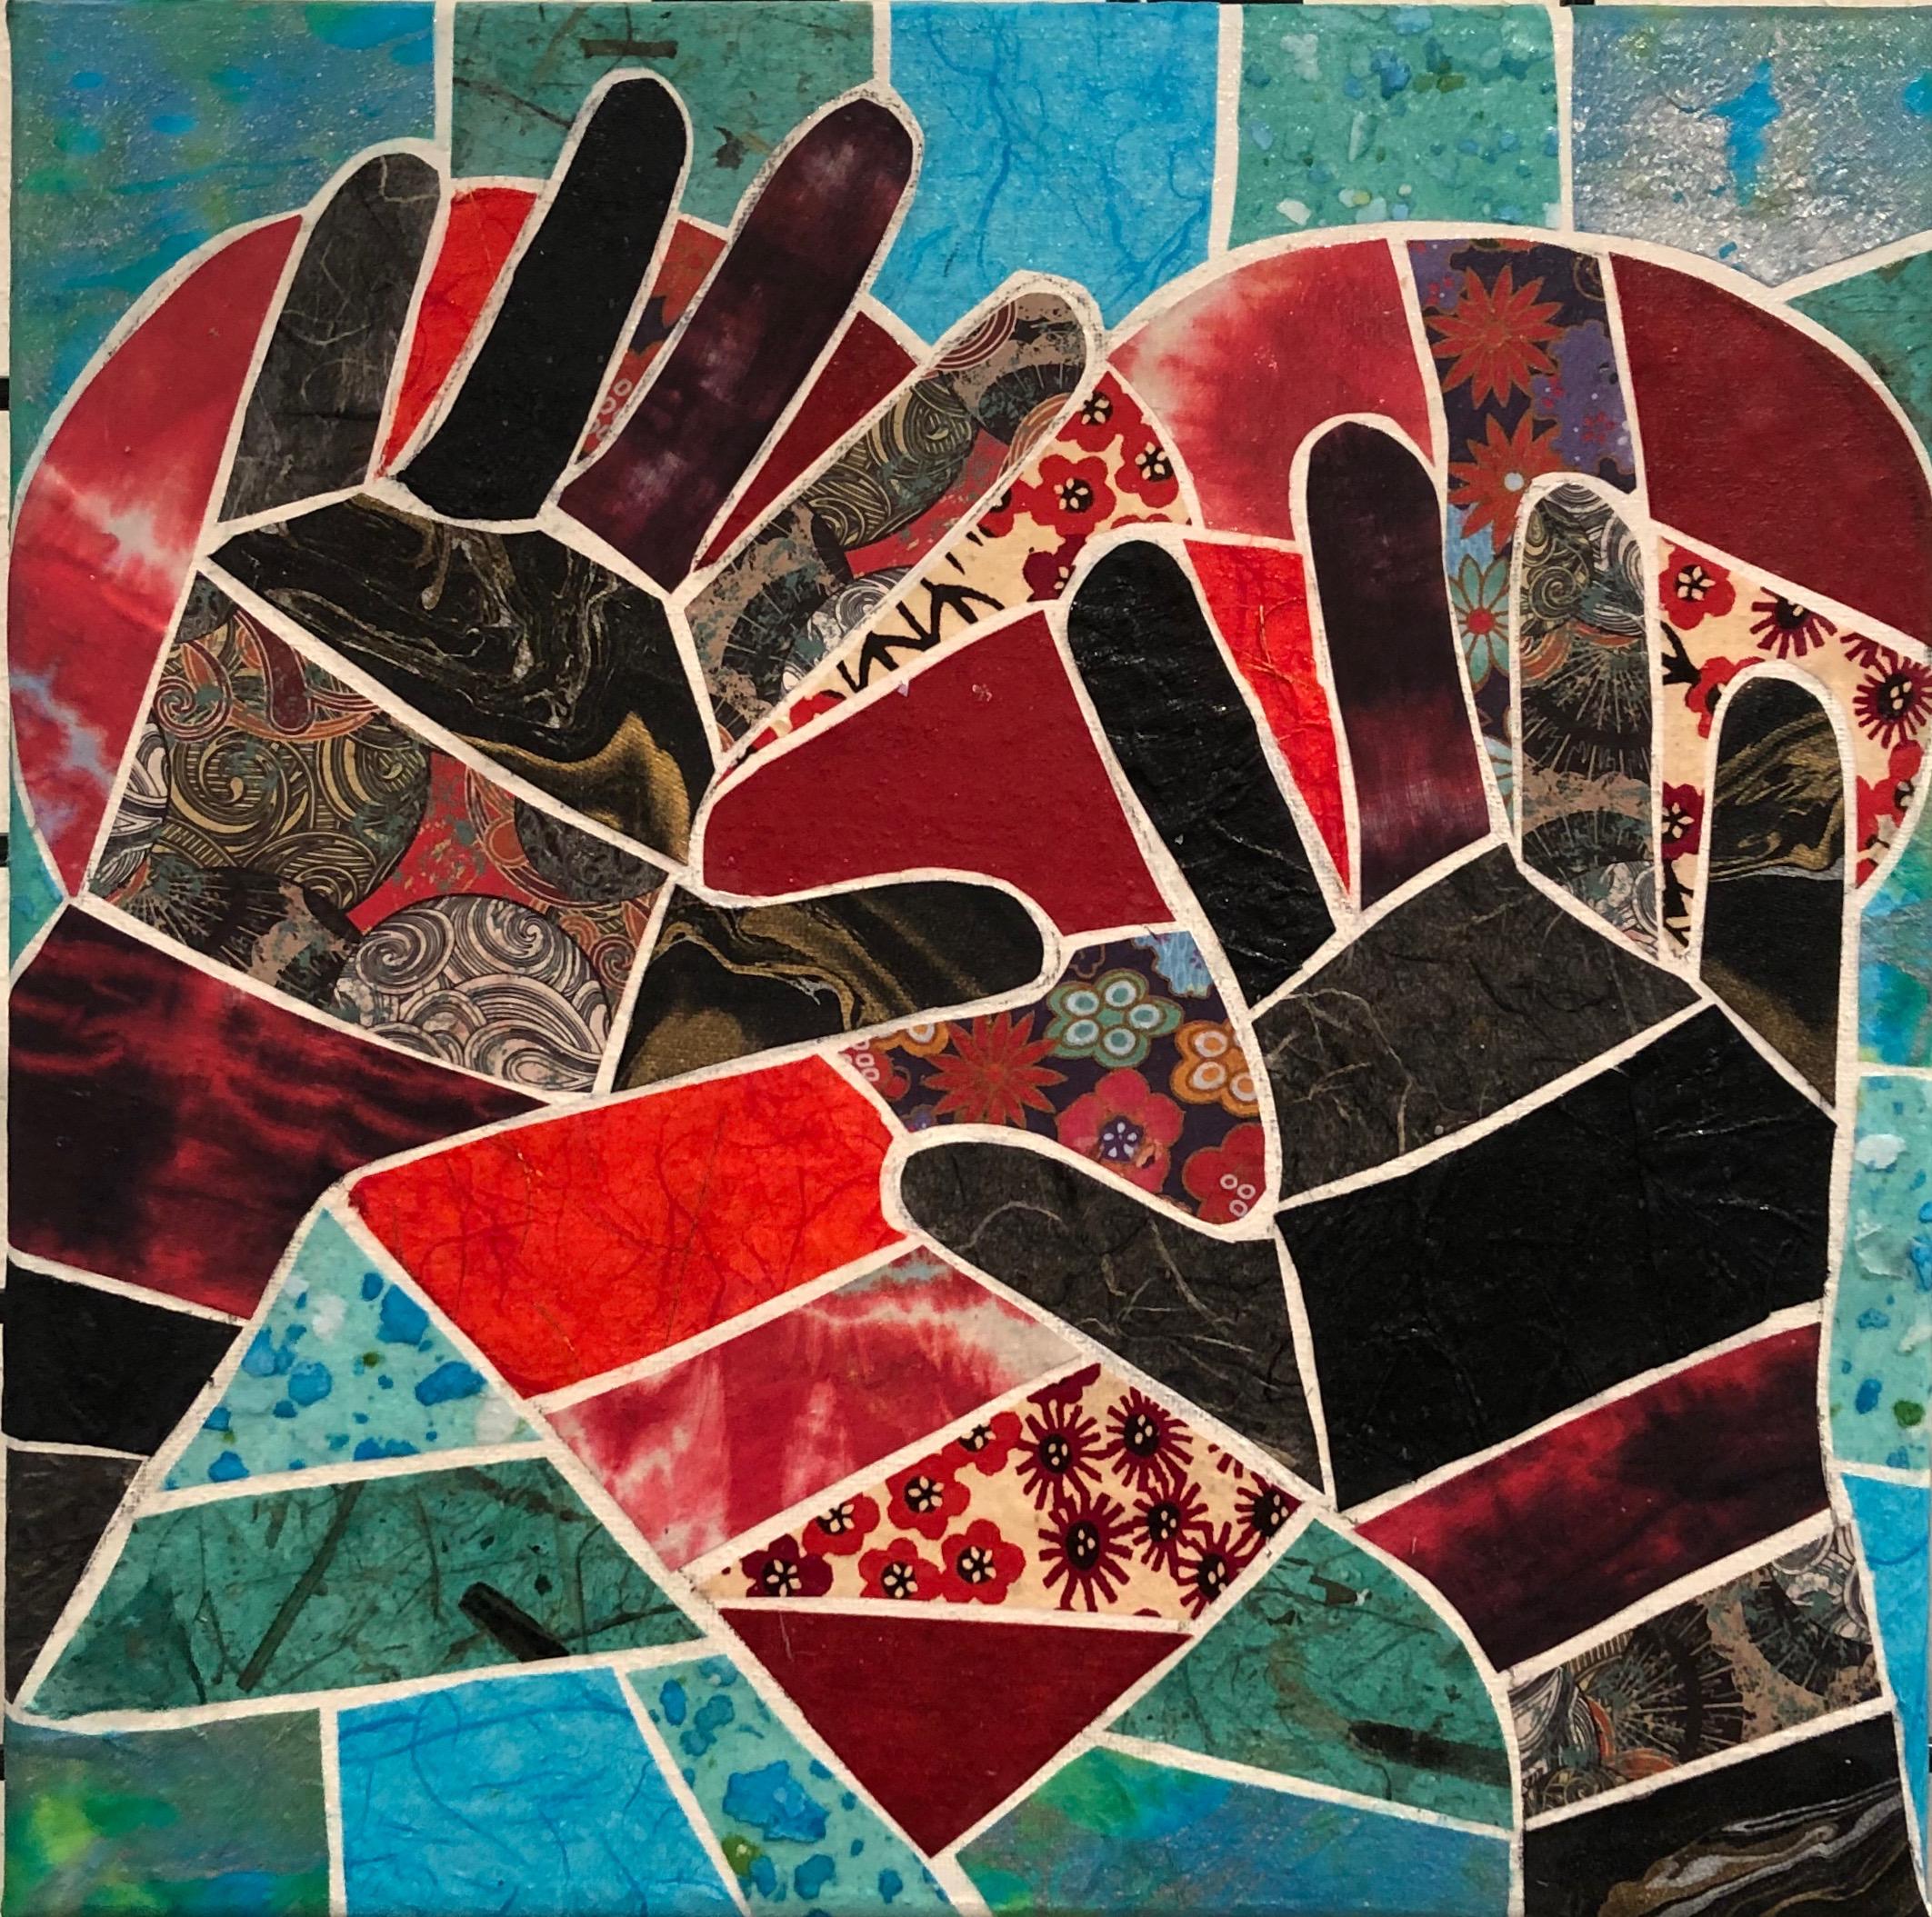 healing hands, strong heart